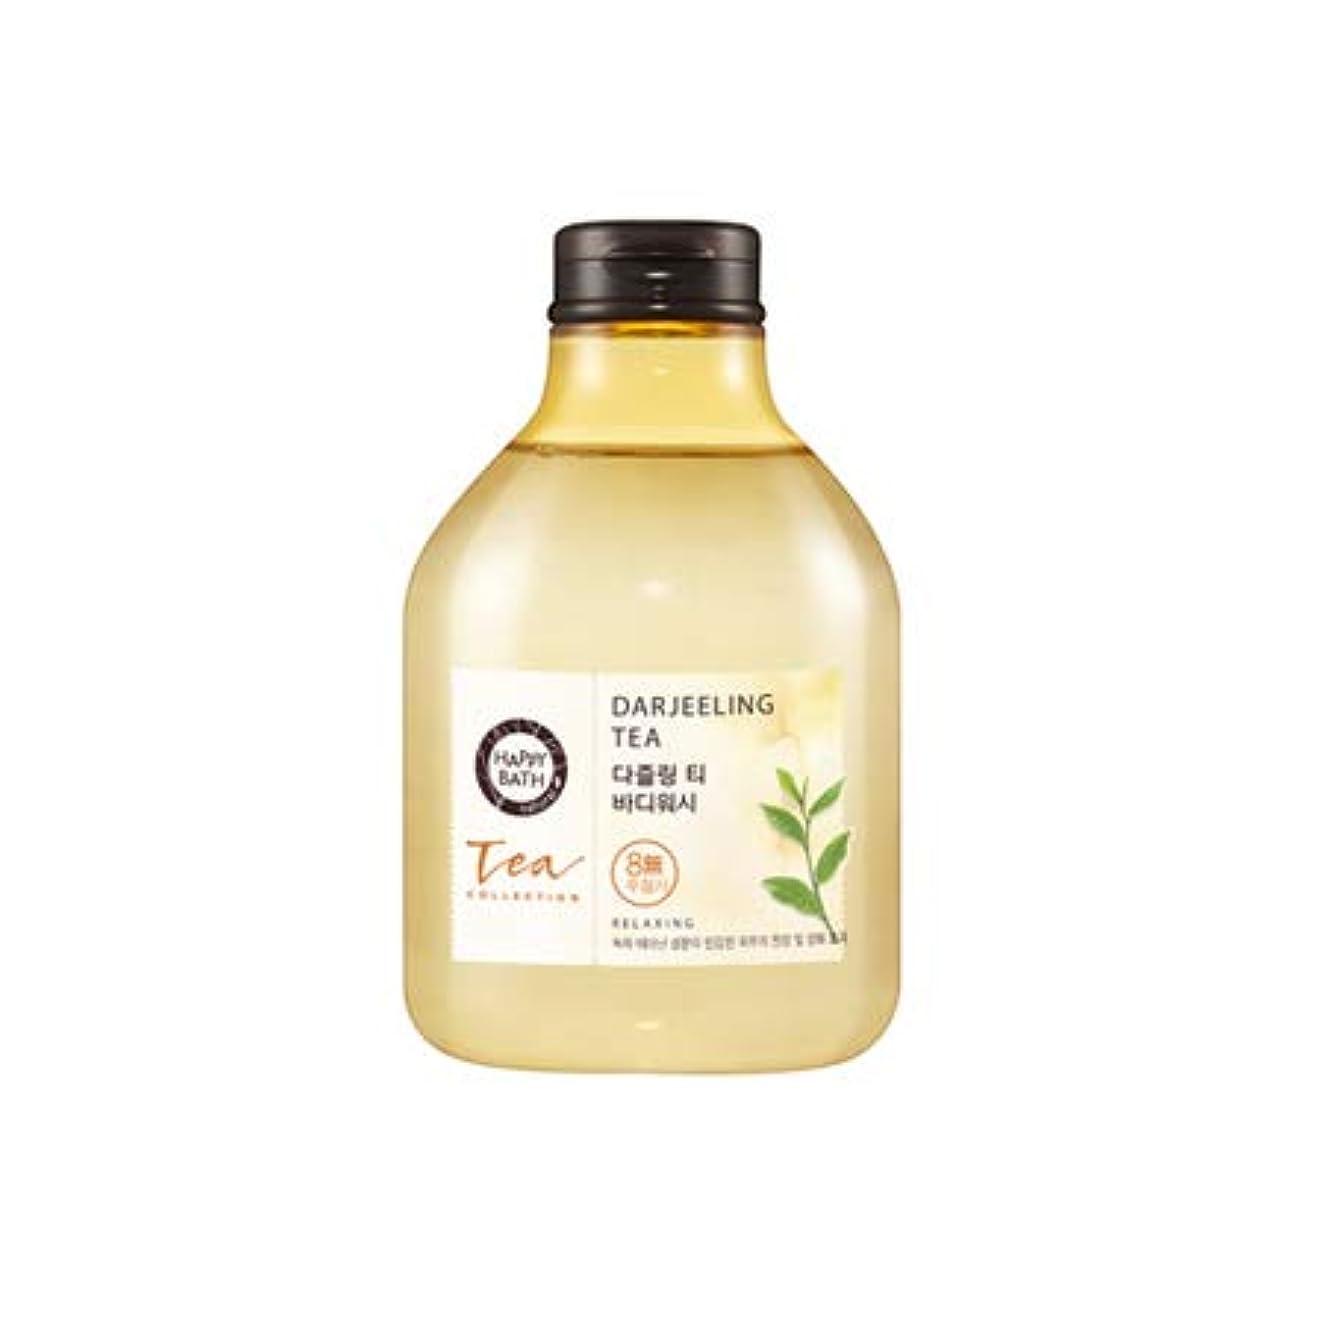 噴火手入れ汚染された[ハッピーバス.happy bath]若い葉ティーコレクションボディウォッシュ(ダージリンティー、300ml)/ pure Darjeeling Tea body wash